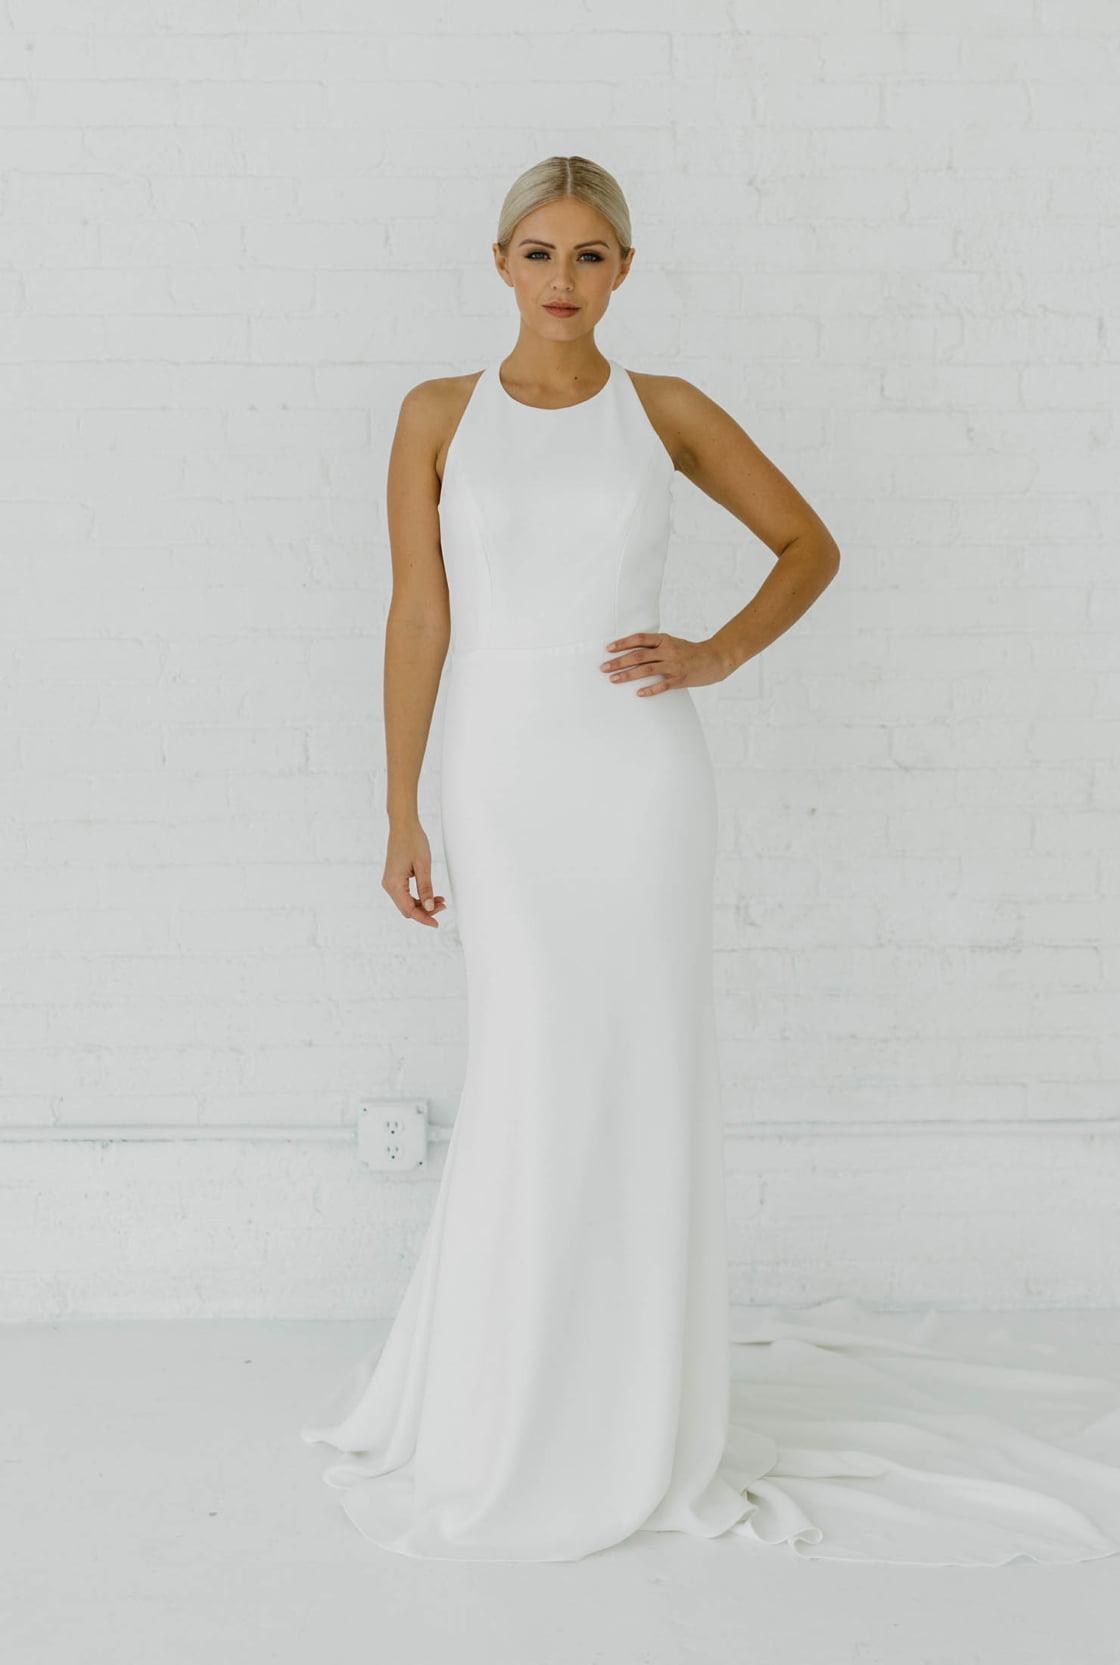 557ca48e82786 Contemporary Wedding Dress - Wedding Dress & Decore Ideas